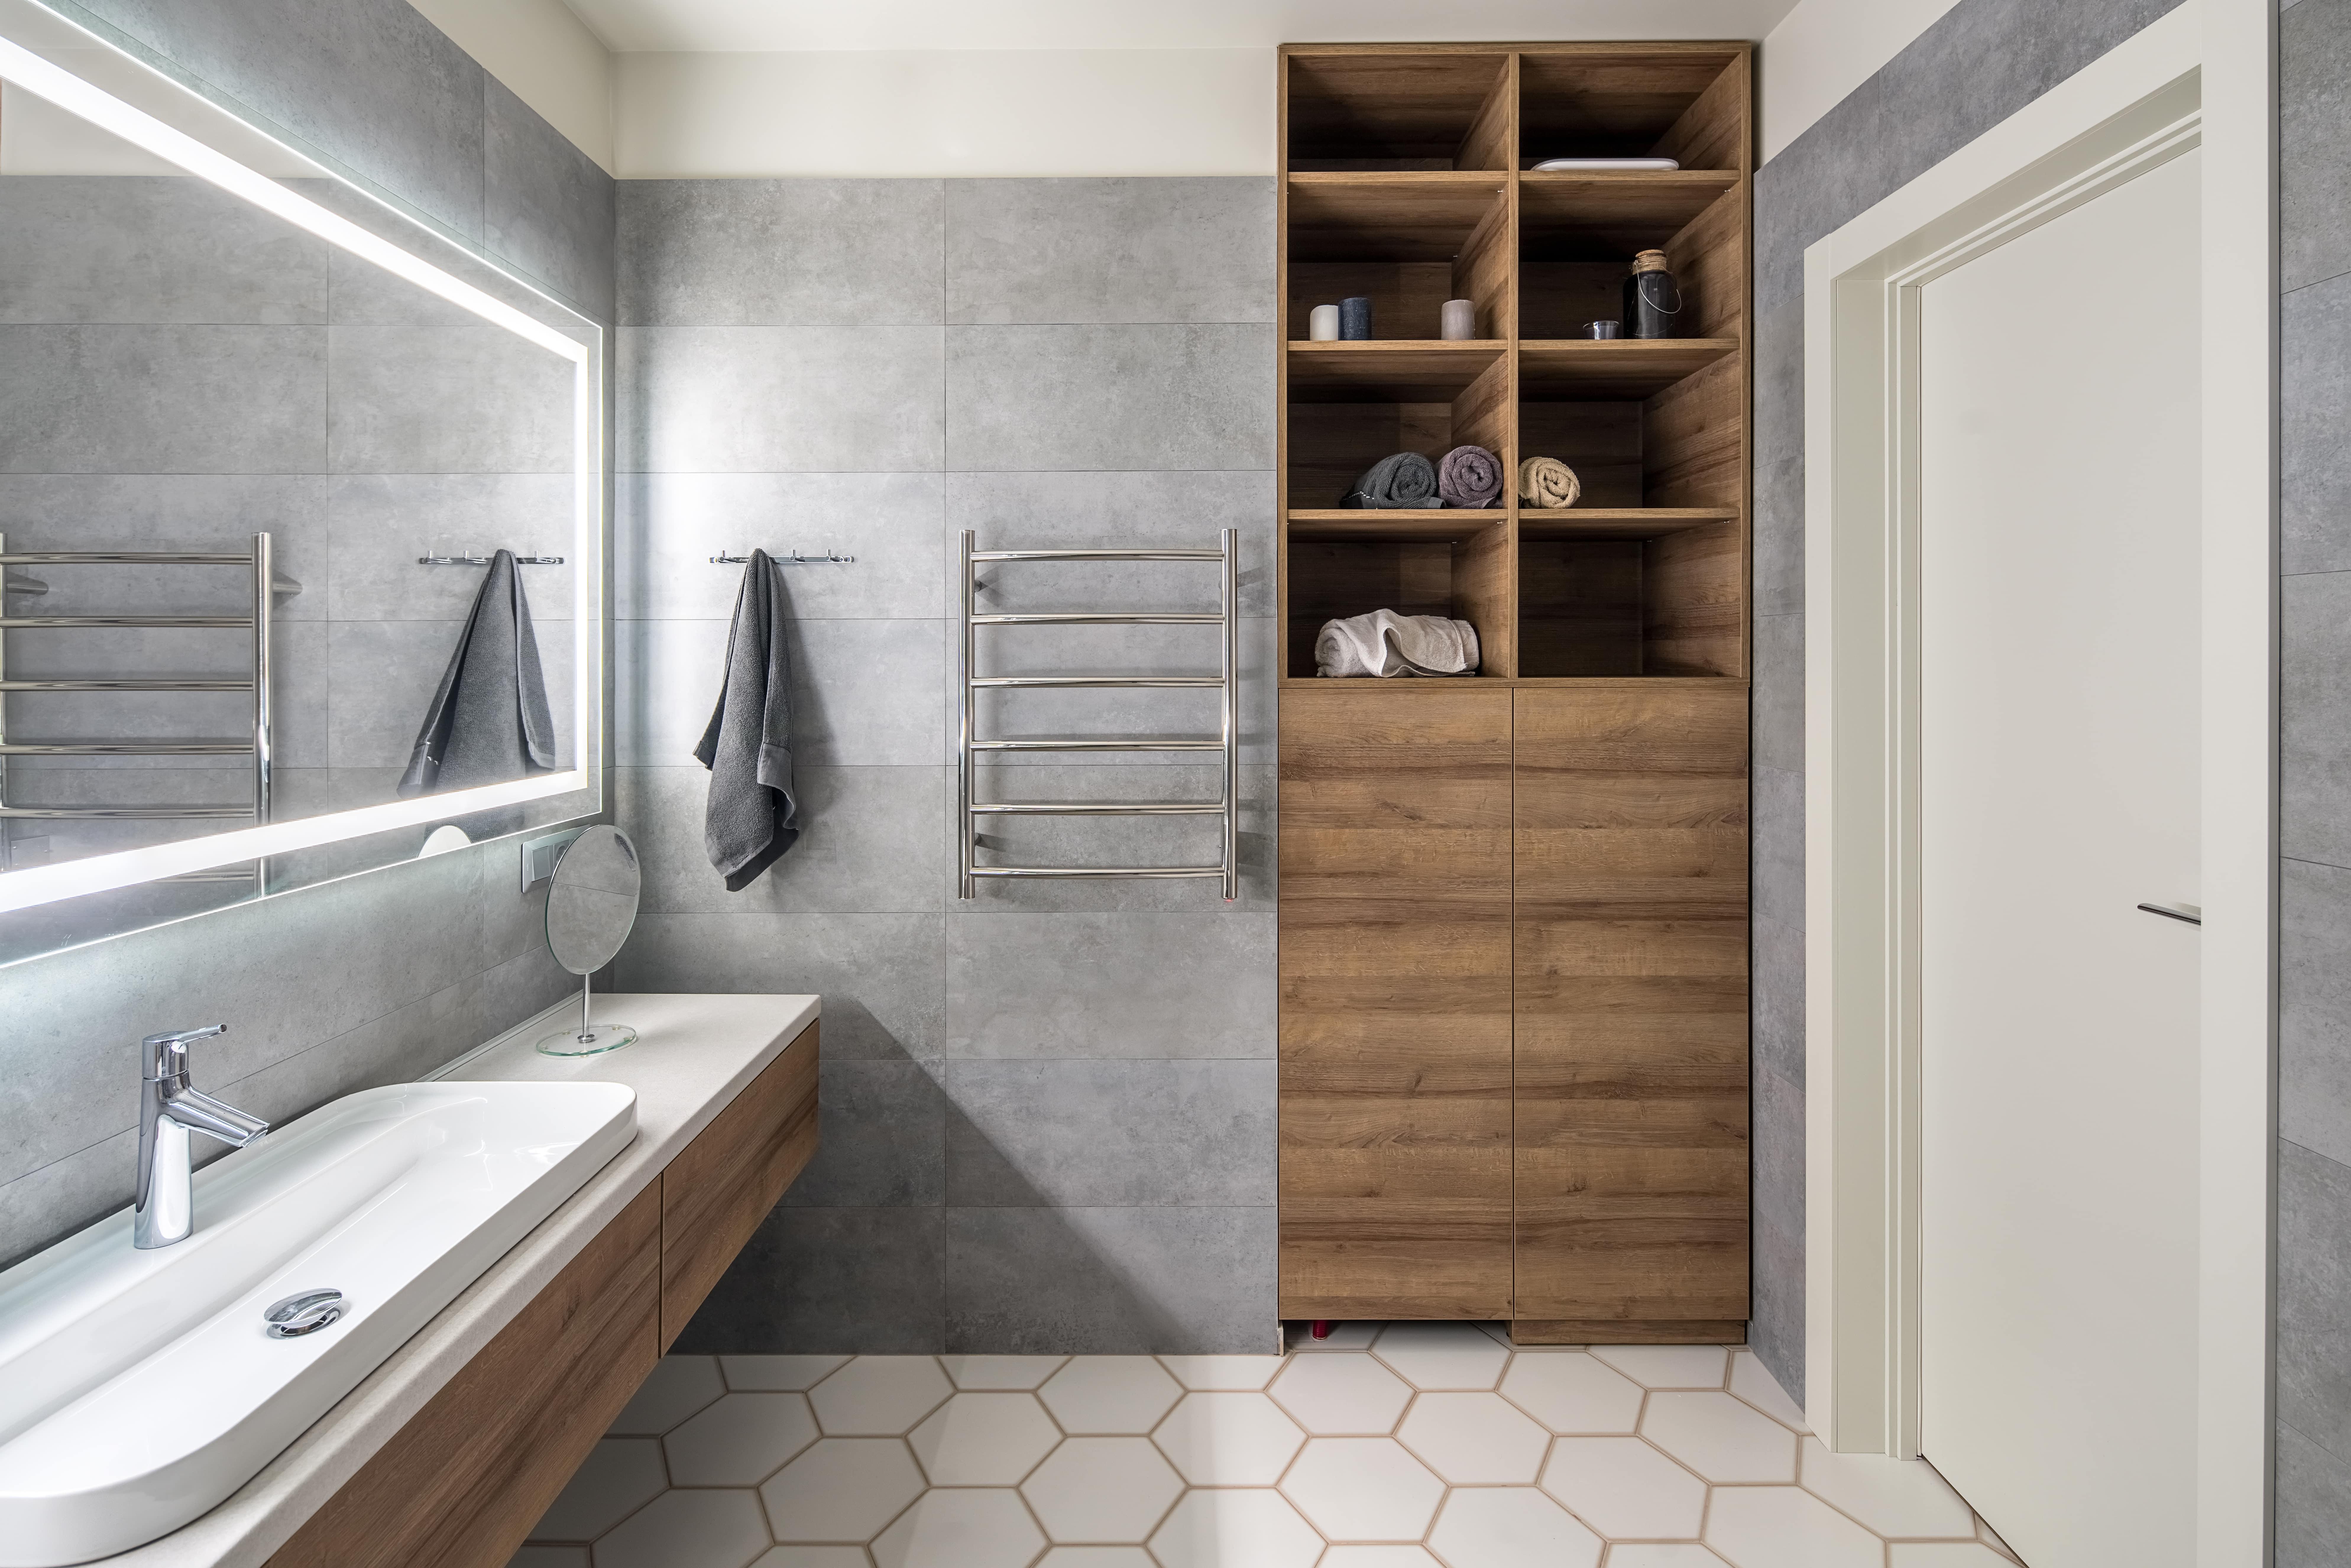 Łazienka w bloku - funkcjonalne rozwiązania do małej łazienki